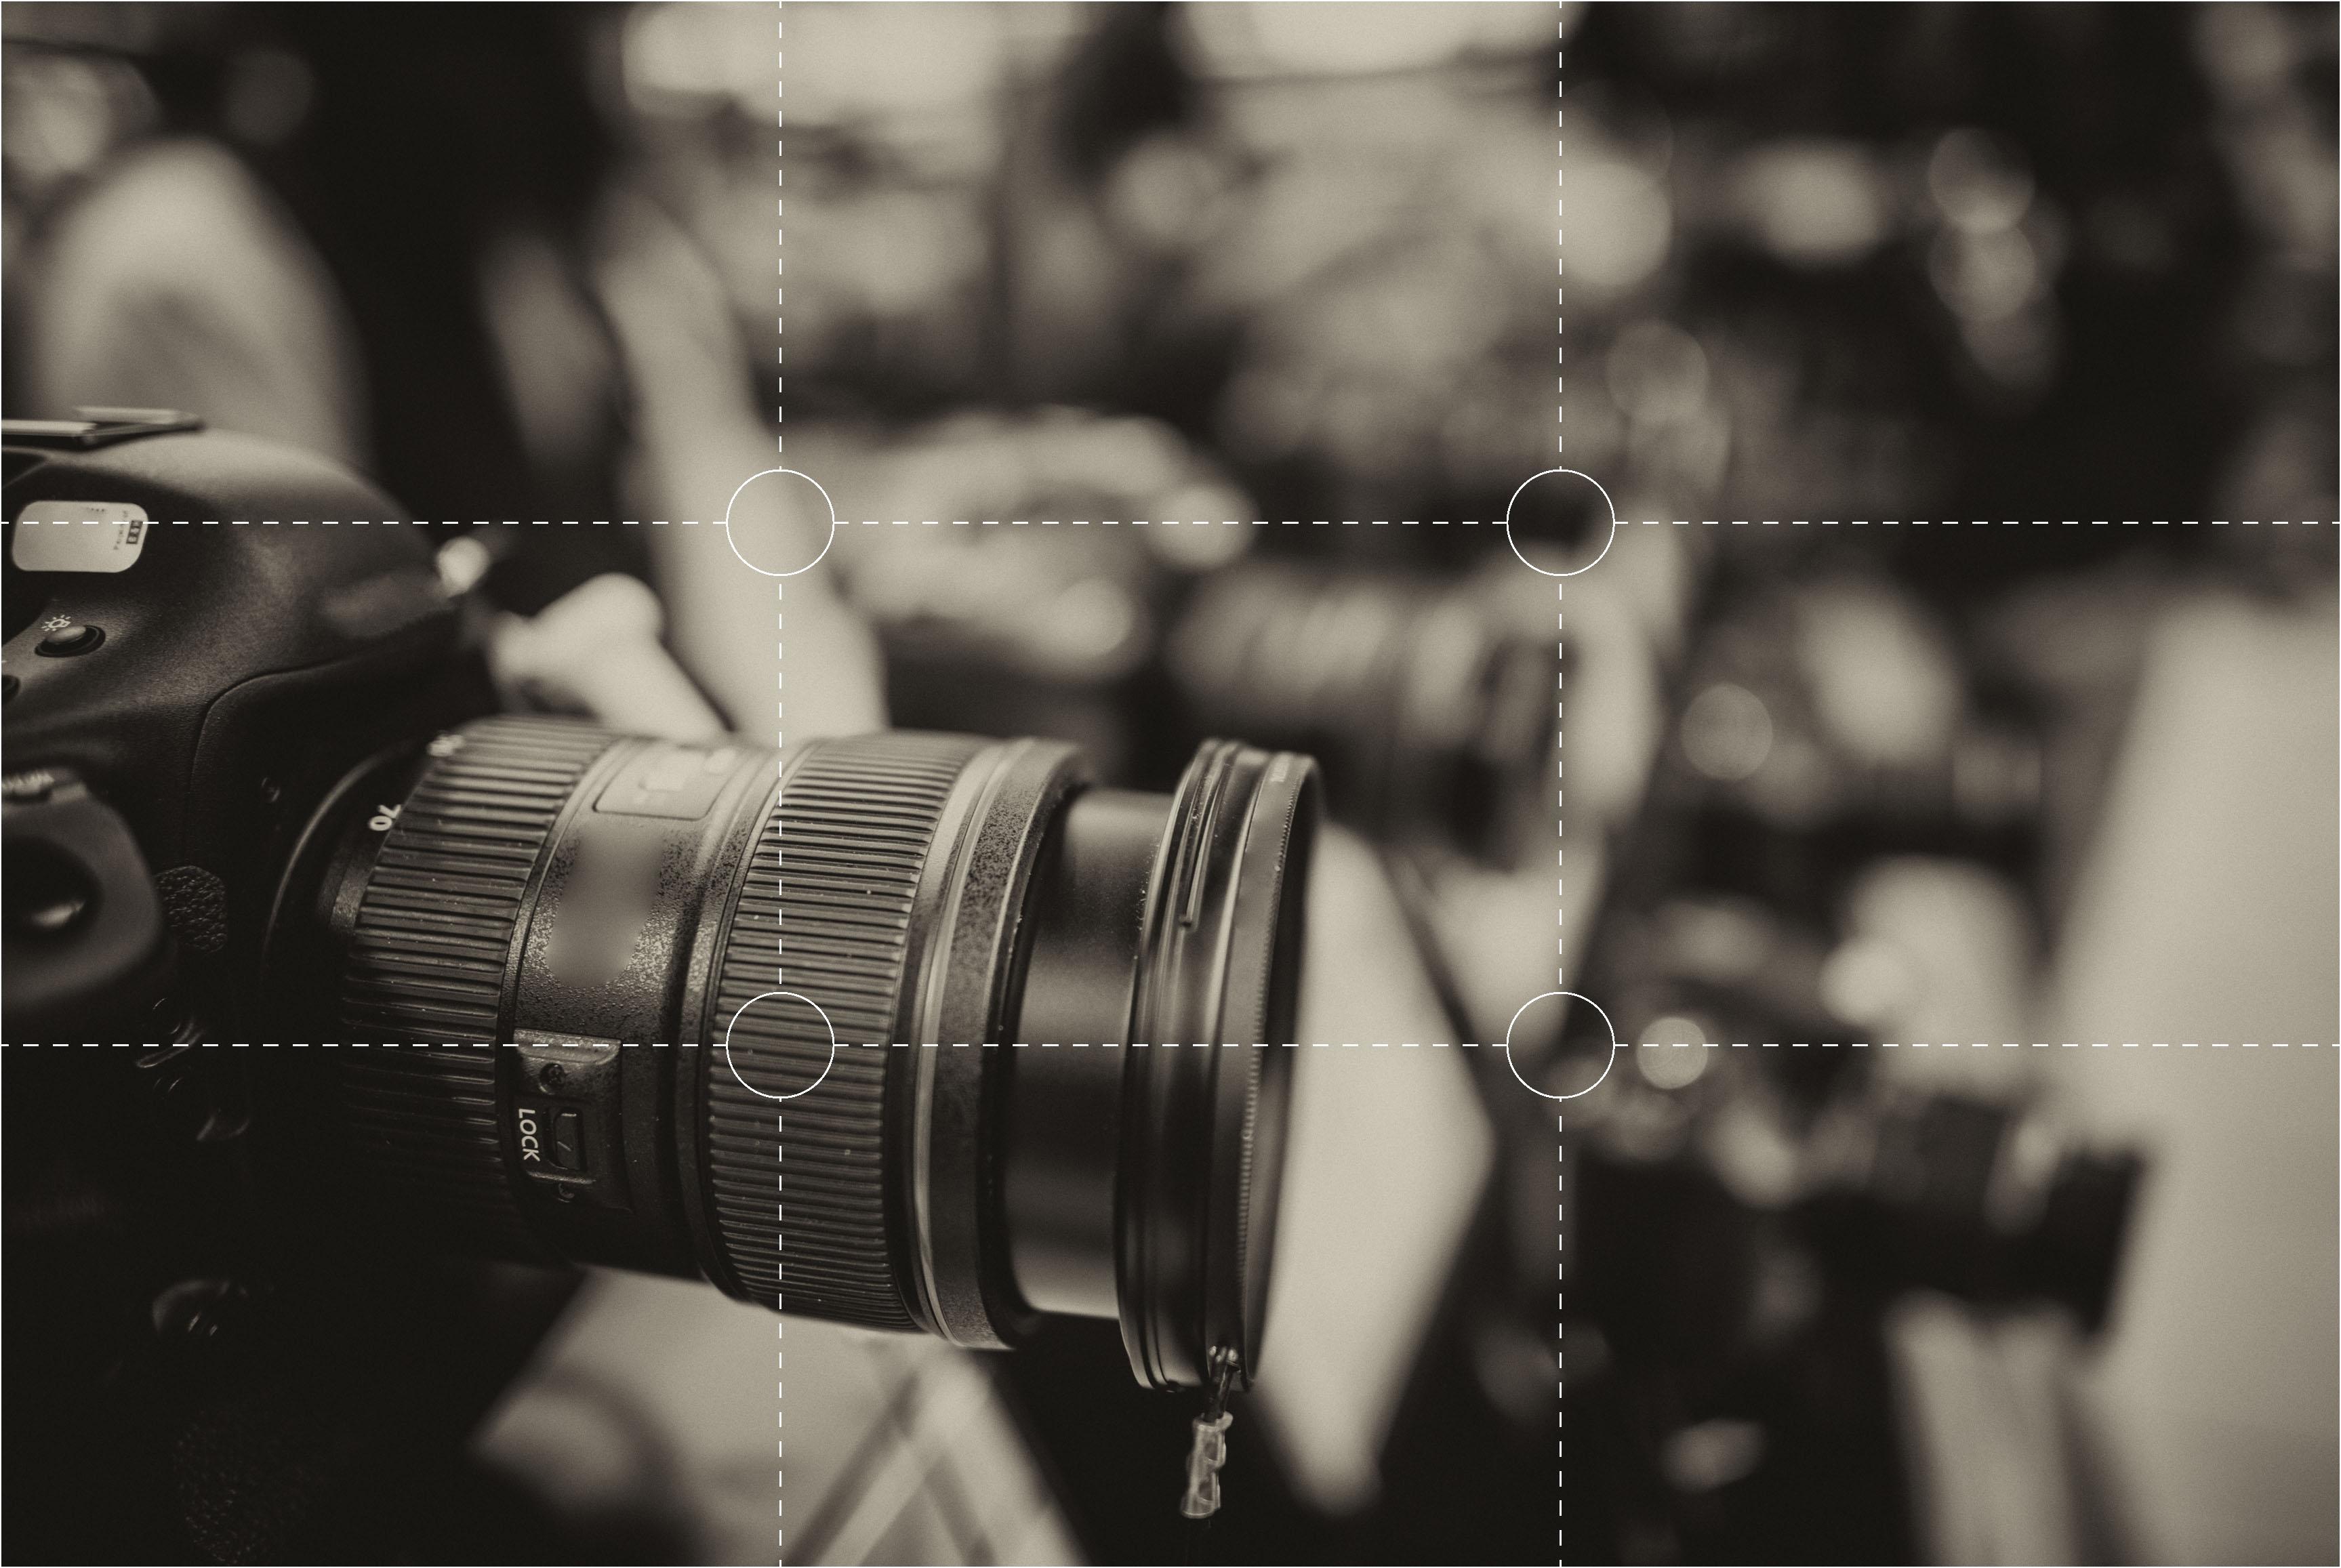 Top Fotografia | composicion y encuadre